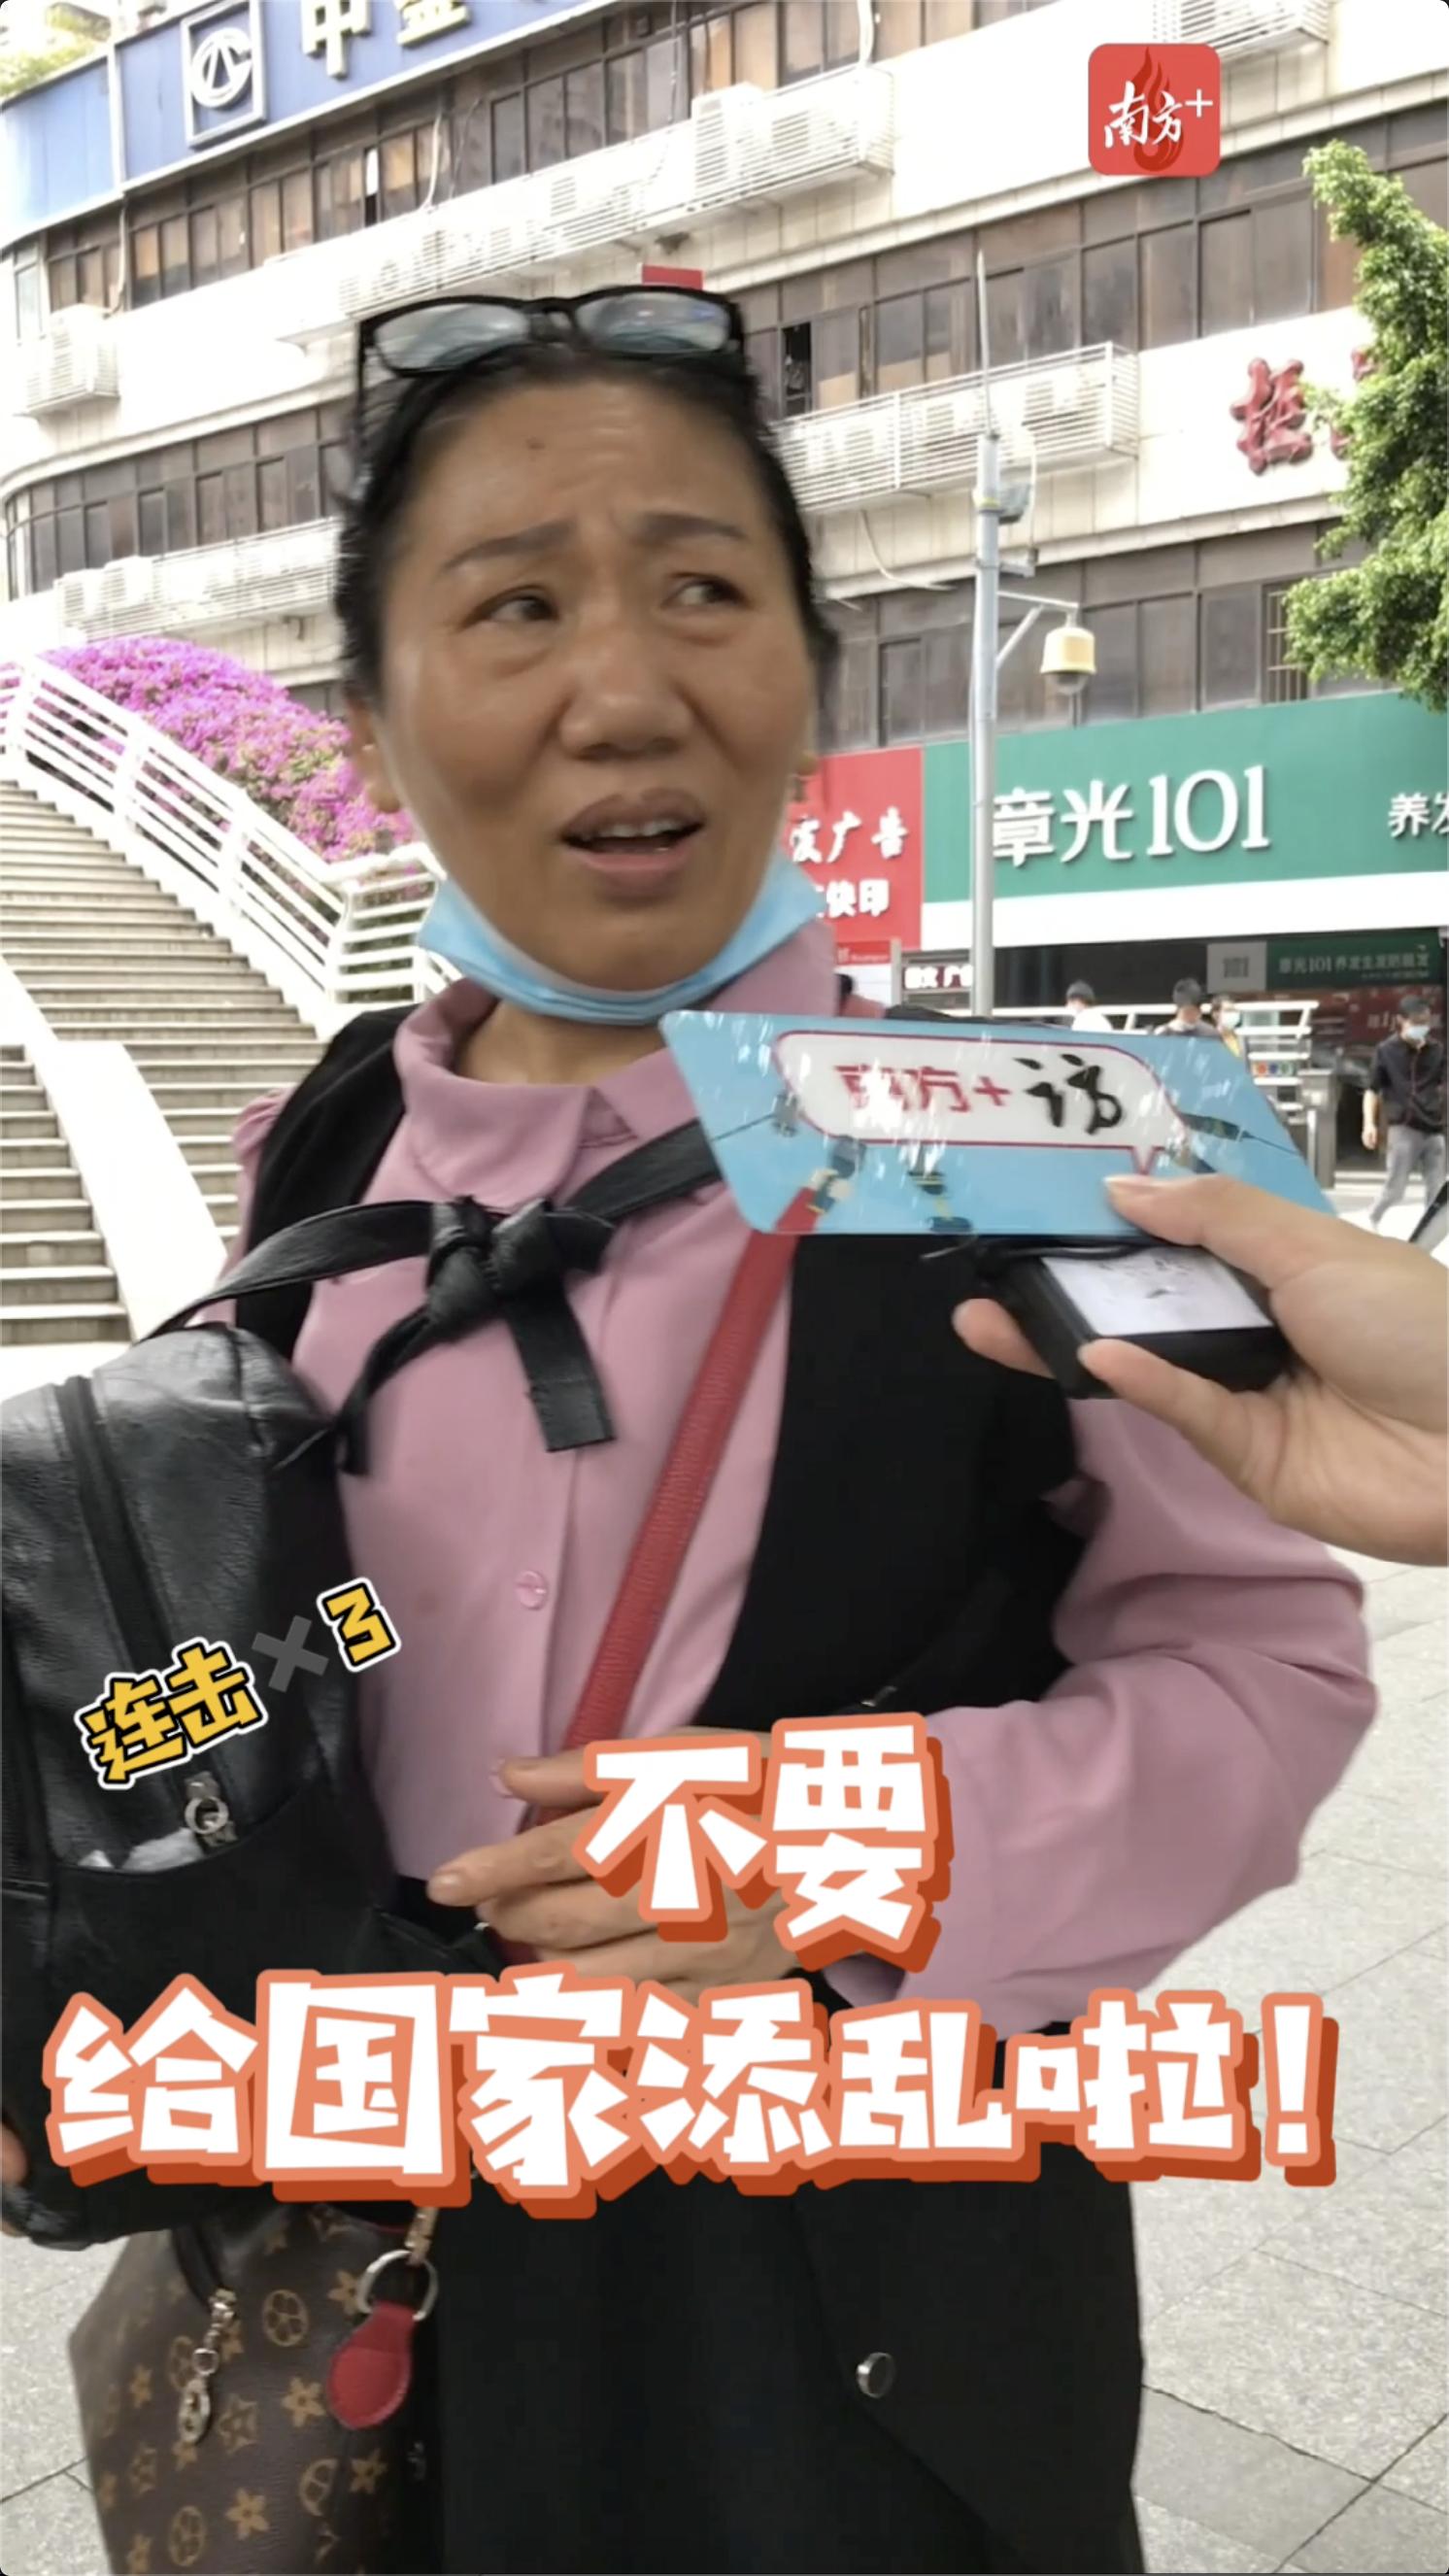 这位受访者并不建议70岁以上人士考取驾照。视频截图